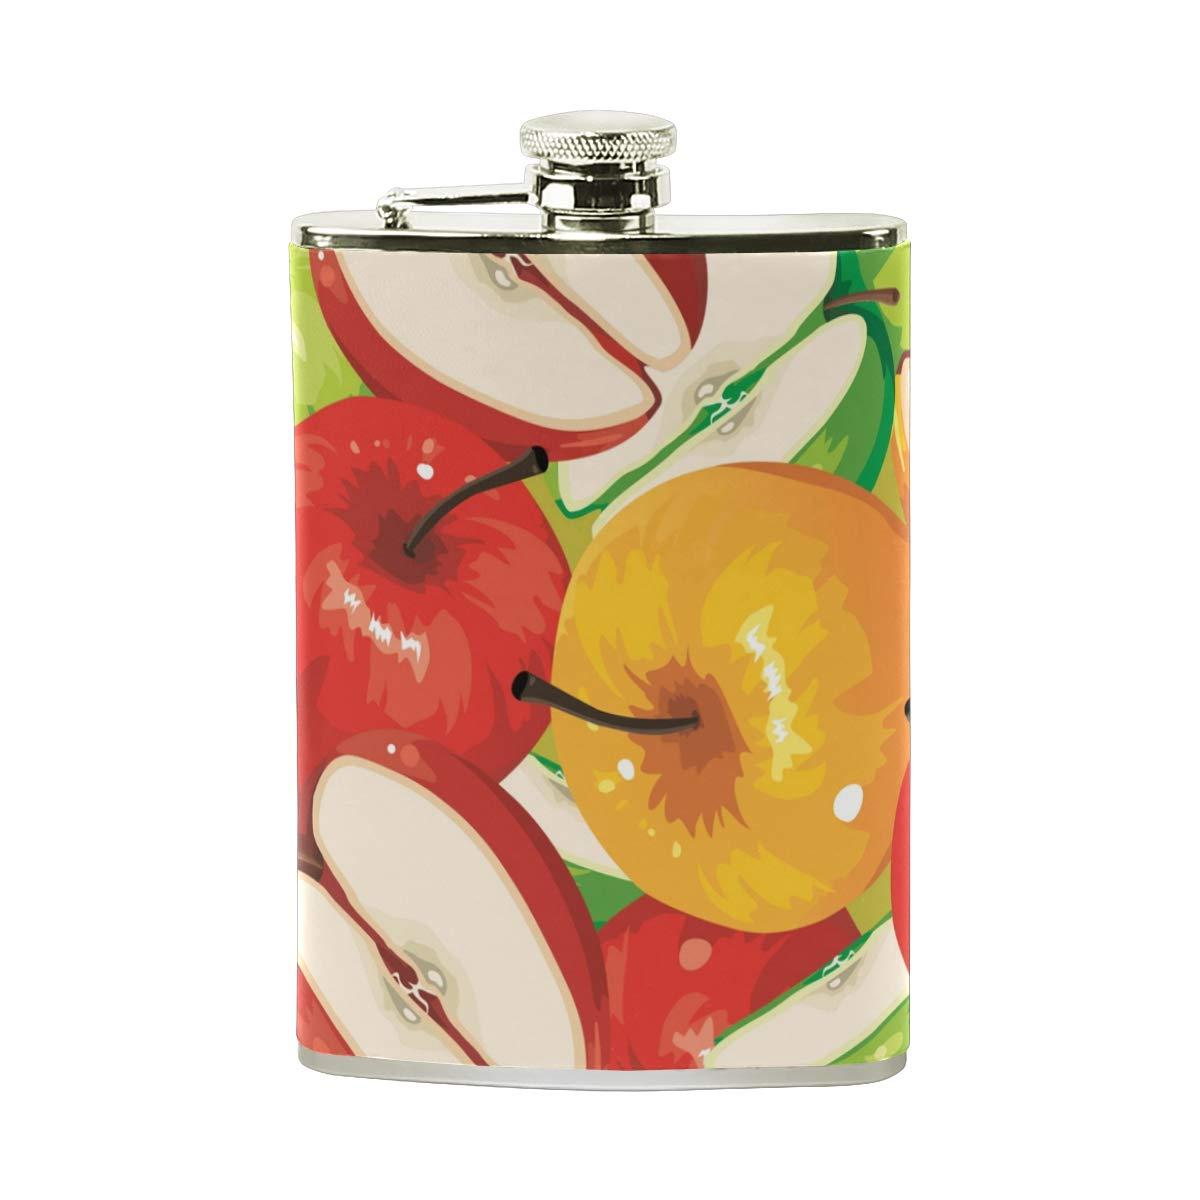 226,8/gram le camping cadeau pour homme ou femme Pot de vin poche Pichet Tizorax Huile comprenant Fruits pommes Flasque en acier inoxydable